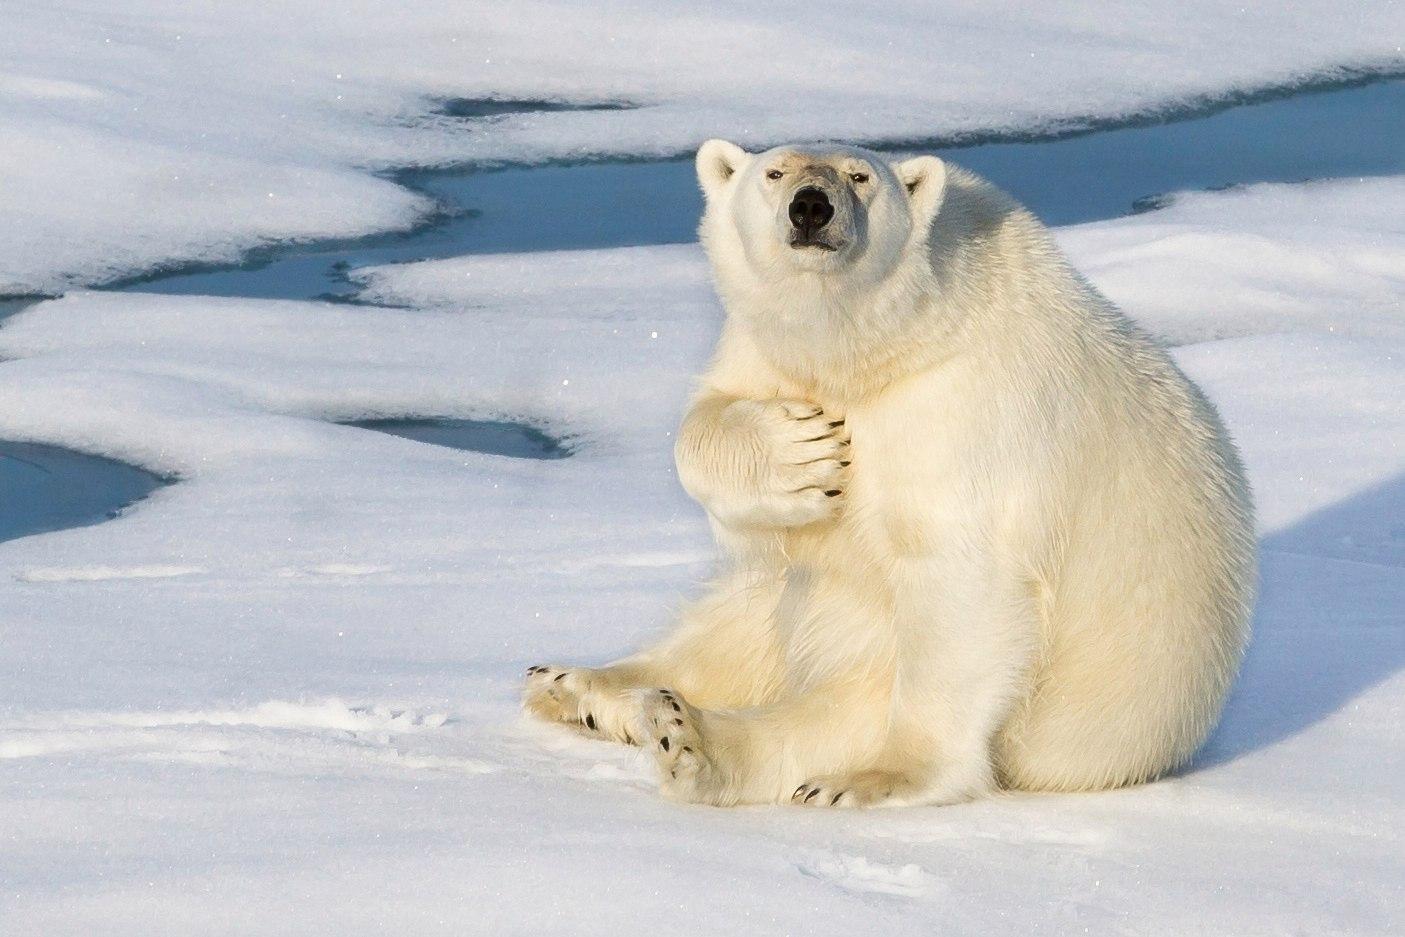 правильной проработке смешная картинка белого медведя событие